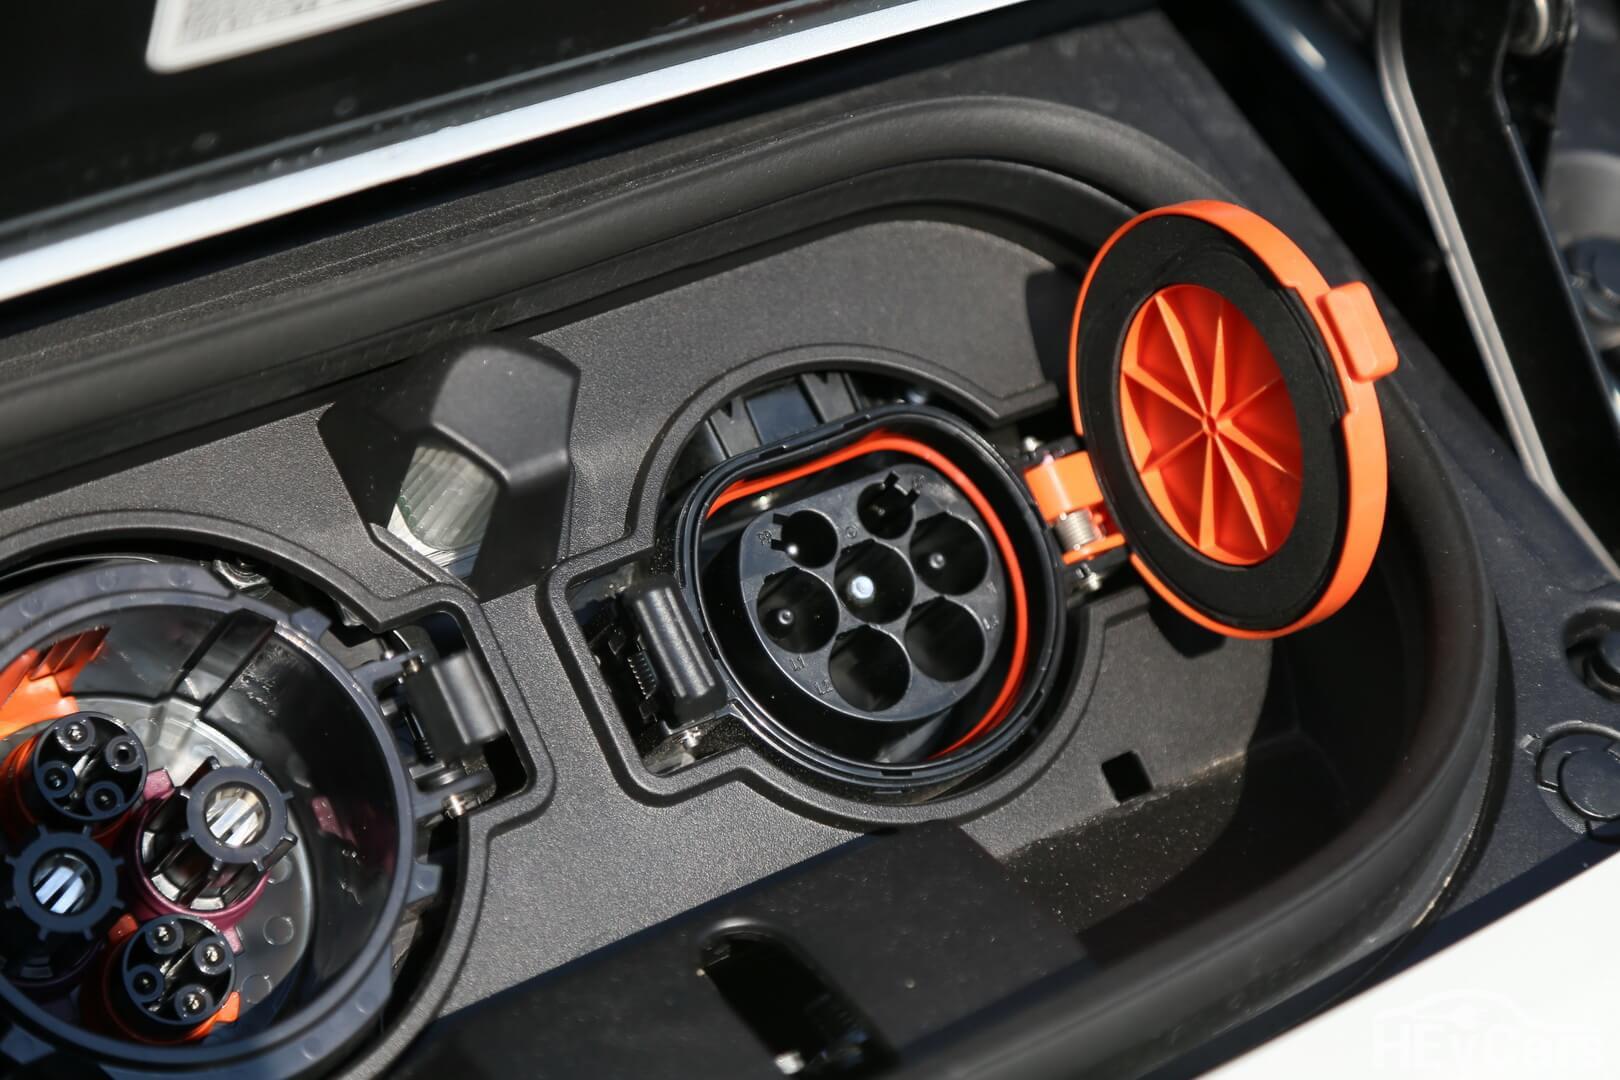 Разъем для зарядки европейской версии Nissan Leaf 2018 — Type 2 Mennekes